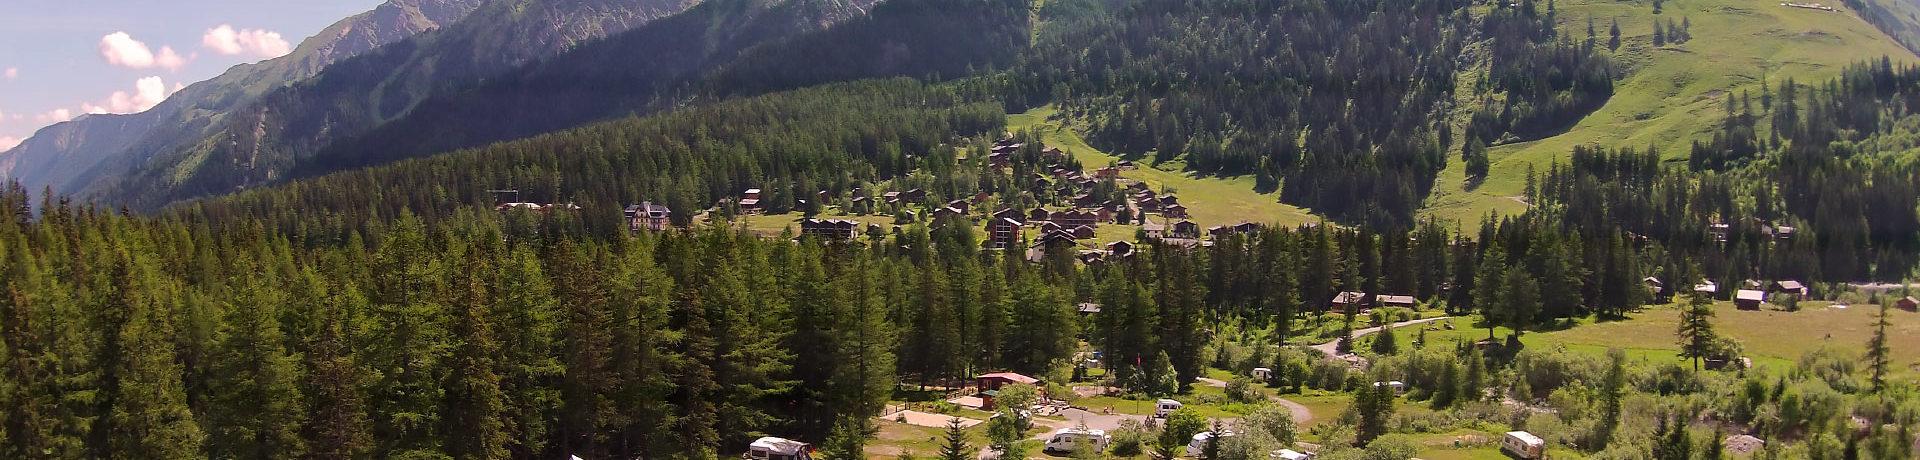 Camping Des Glaciers in La Fouly is een charme camping op 1.600 meter hoogte aan de rand van een gletsjerrivier La Reuse de l'Aneuve in de Zwitserse Alpen in Wallis.